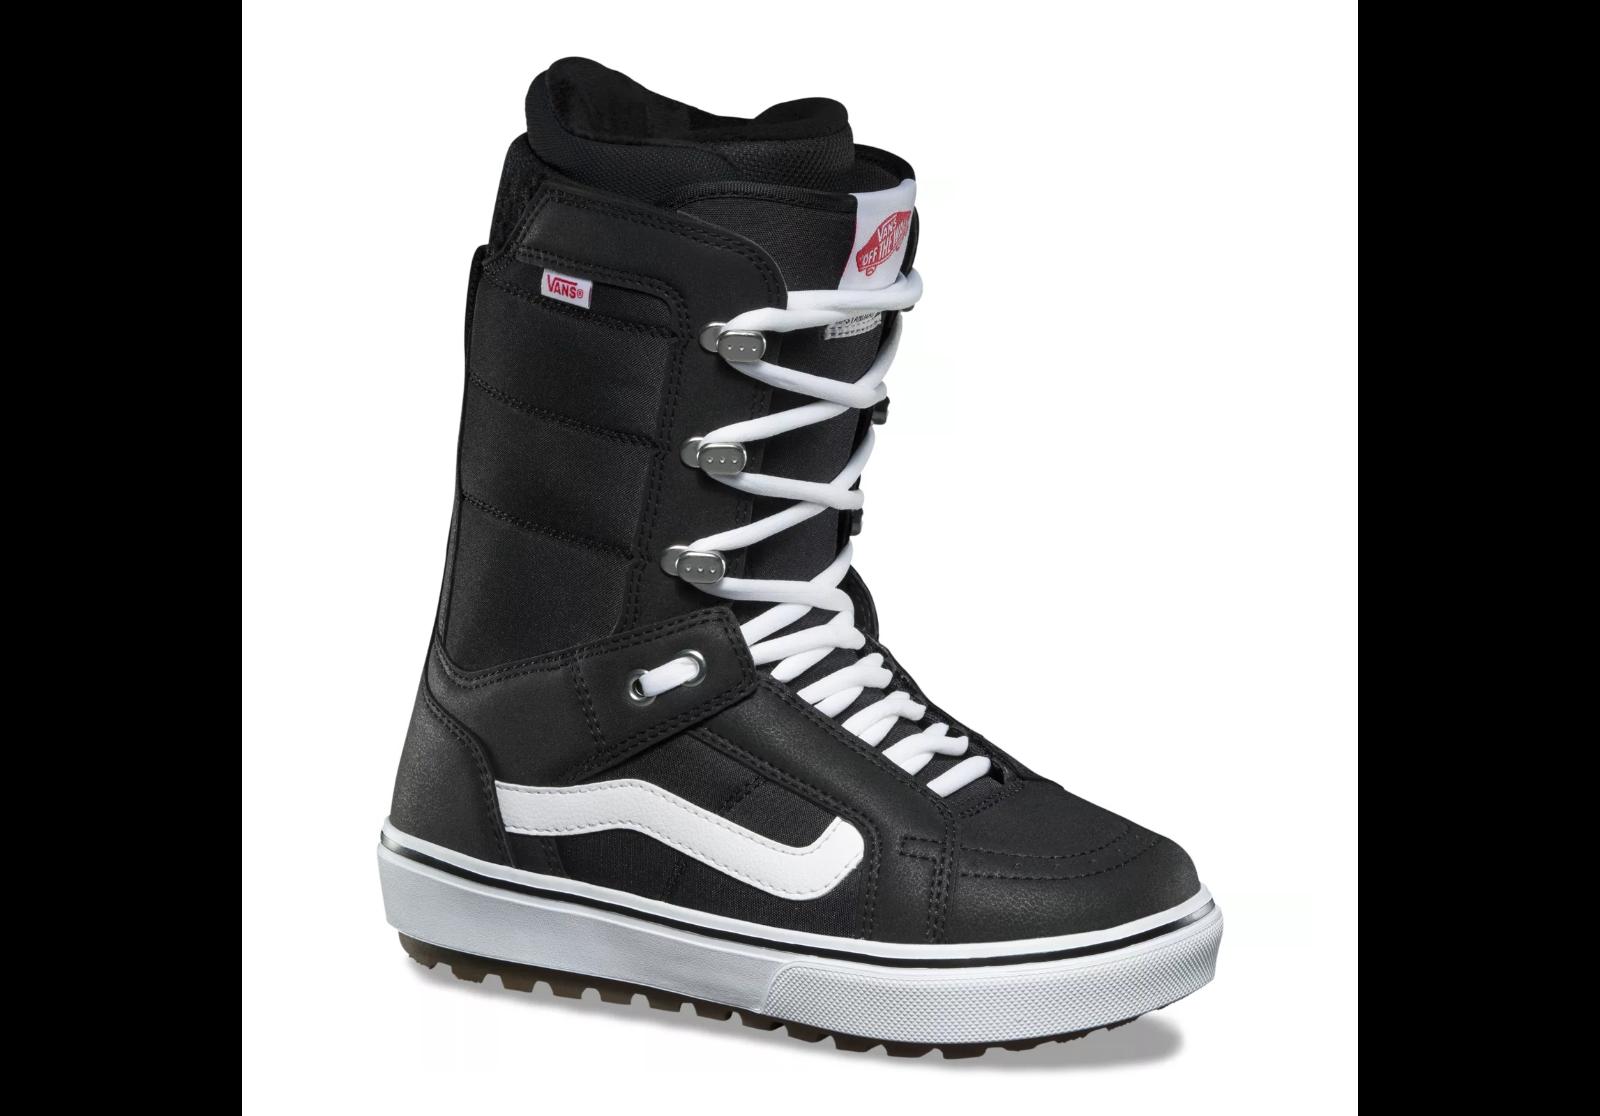 2021 Vans Hi-Standard OG Men's Snowboard Boot